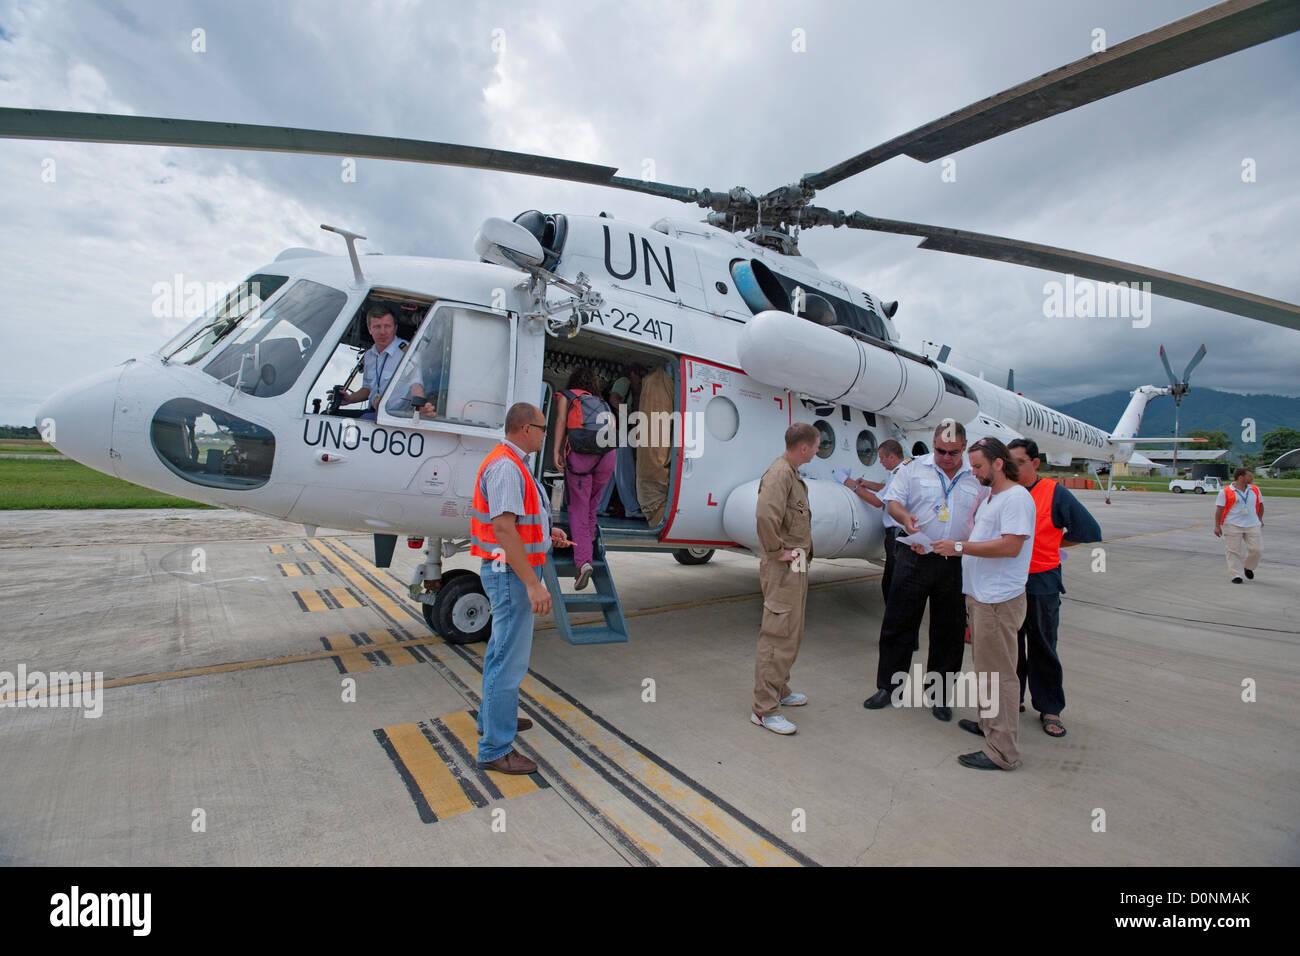 Aeroporto Dili : Um helicóptero no aeroporto perto de dili timor leste foto imagem